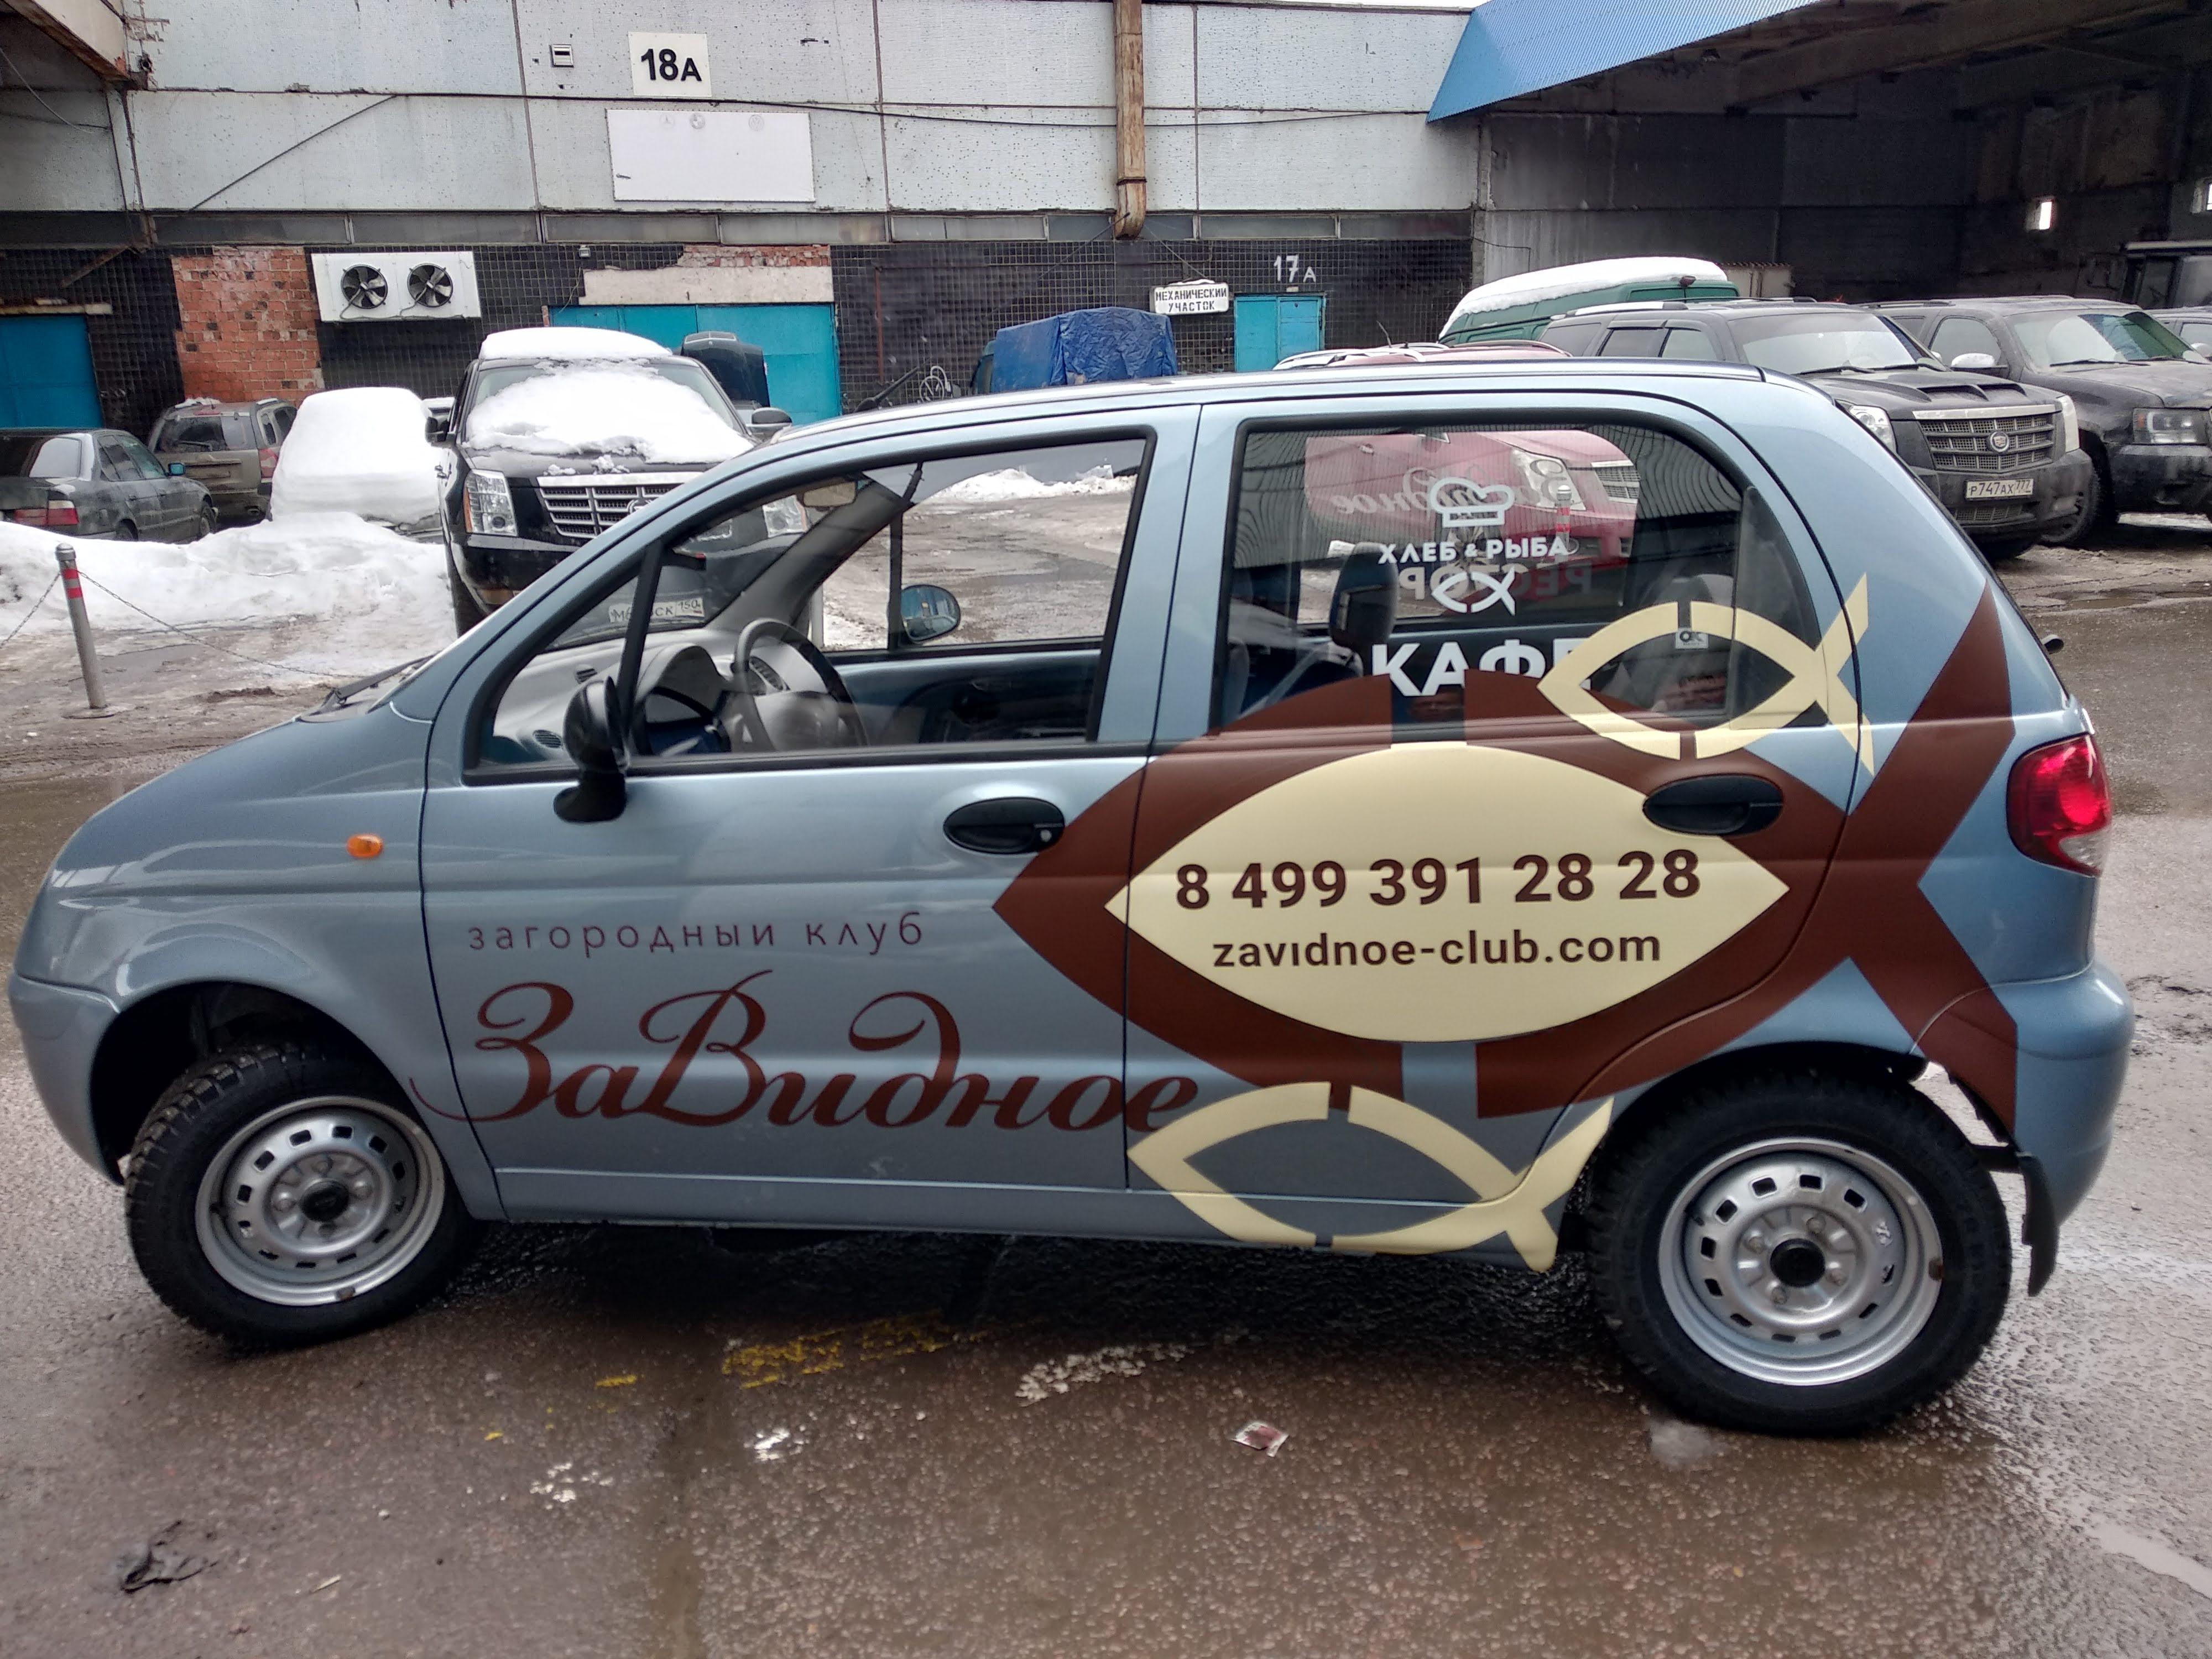 Рекламная оклейка авто